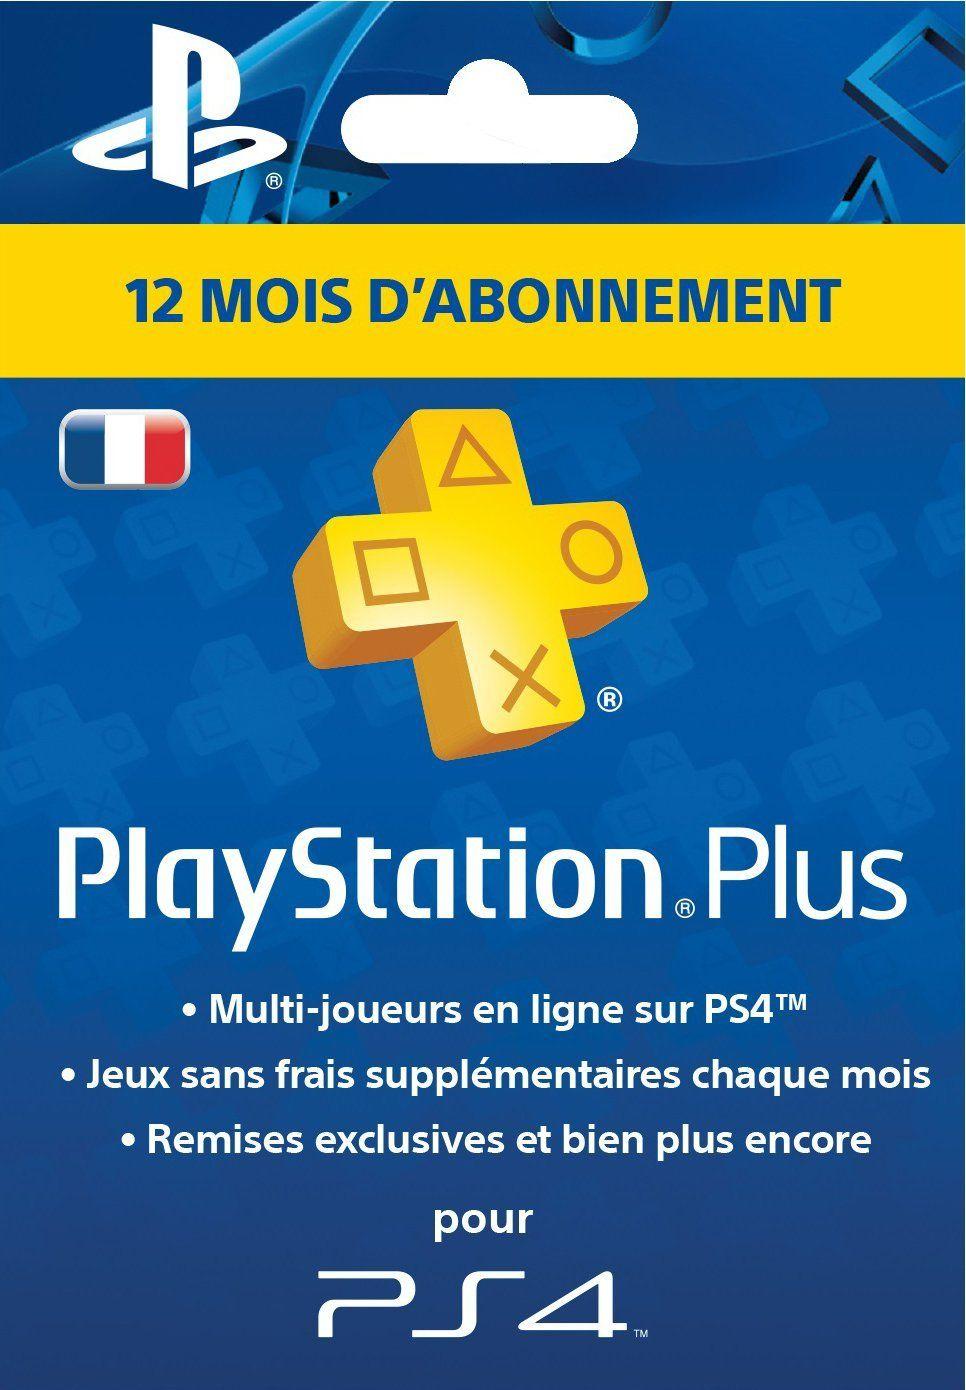 Jeu Video Pas Cher Playstation Plus Card Abonnement 12 Mois Jeux Video Jeux Jouets Ventes Pas Cher Com Playstation Ps4 Ps Plus